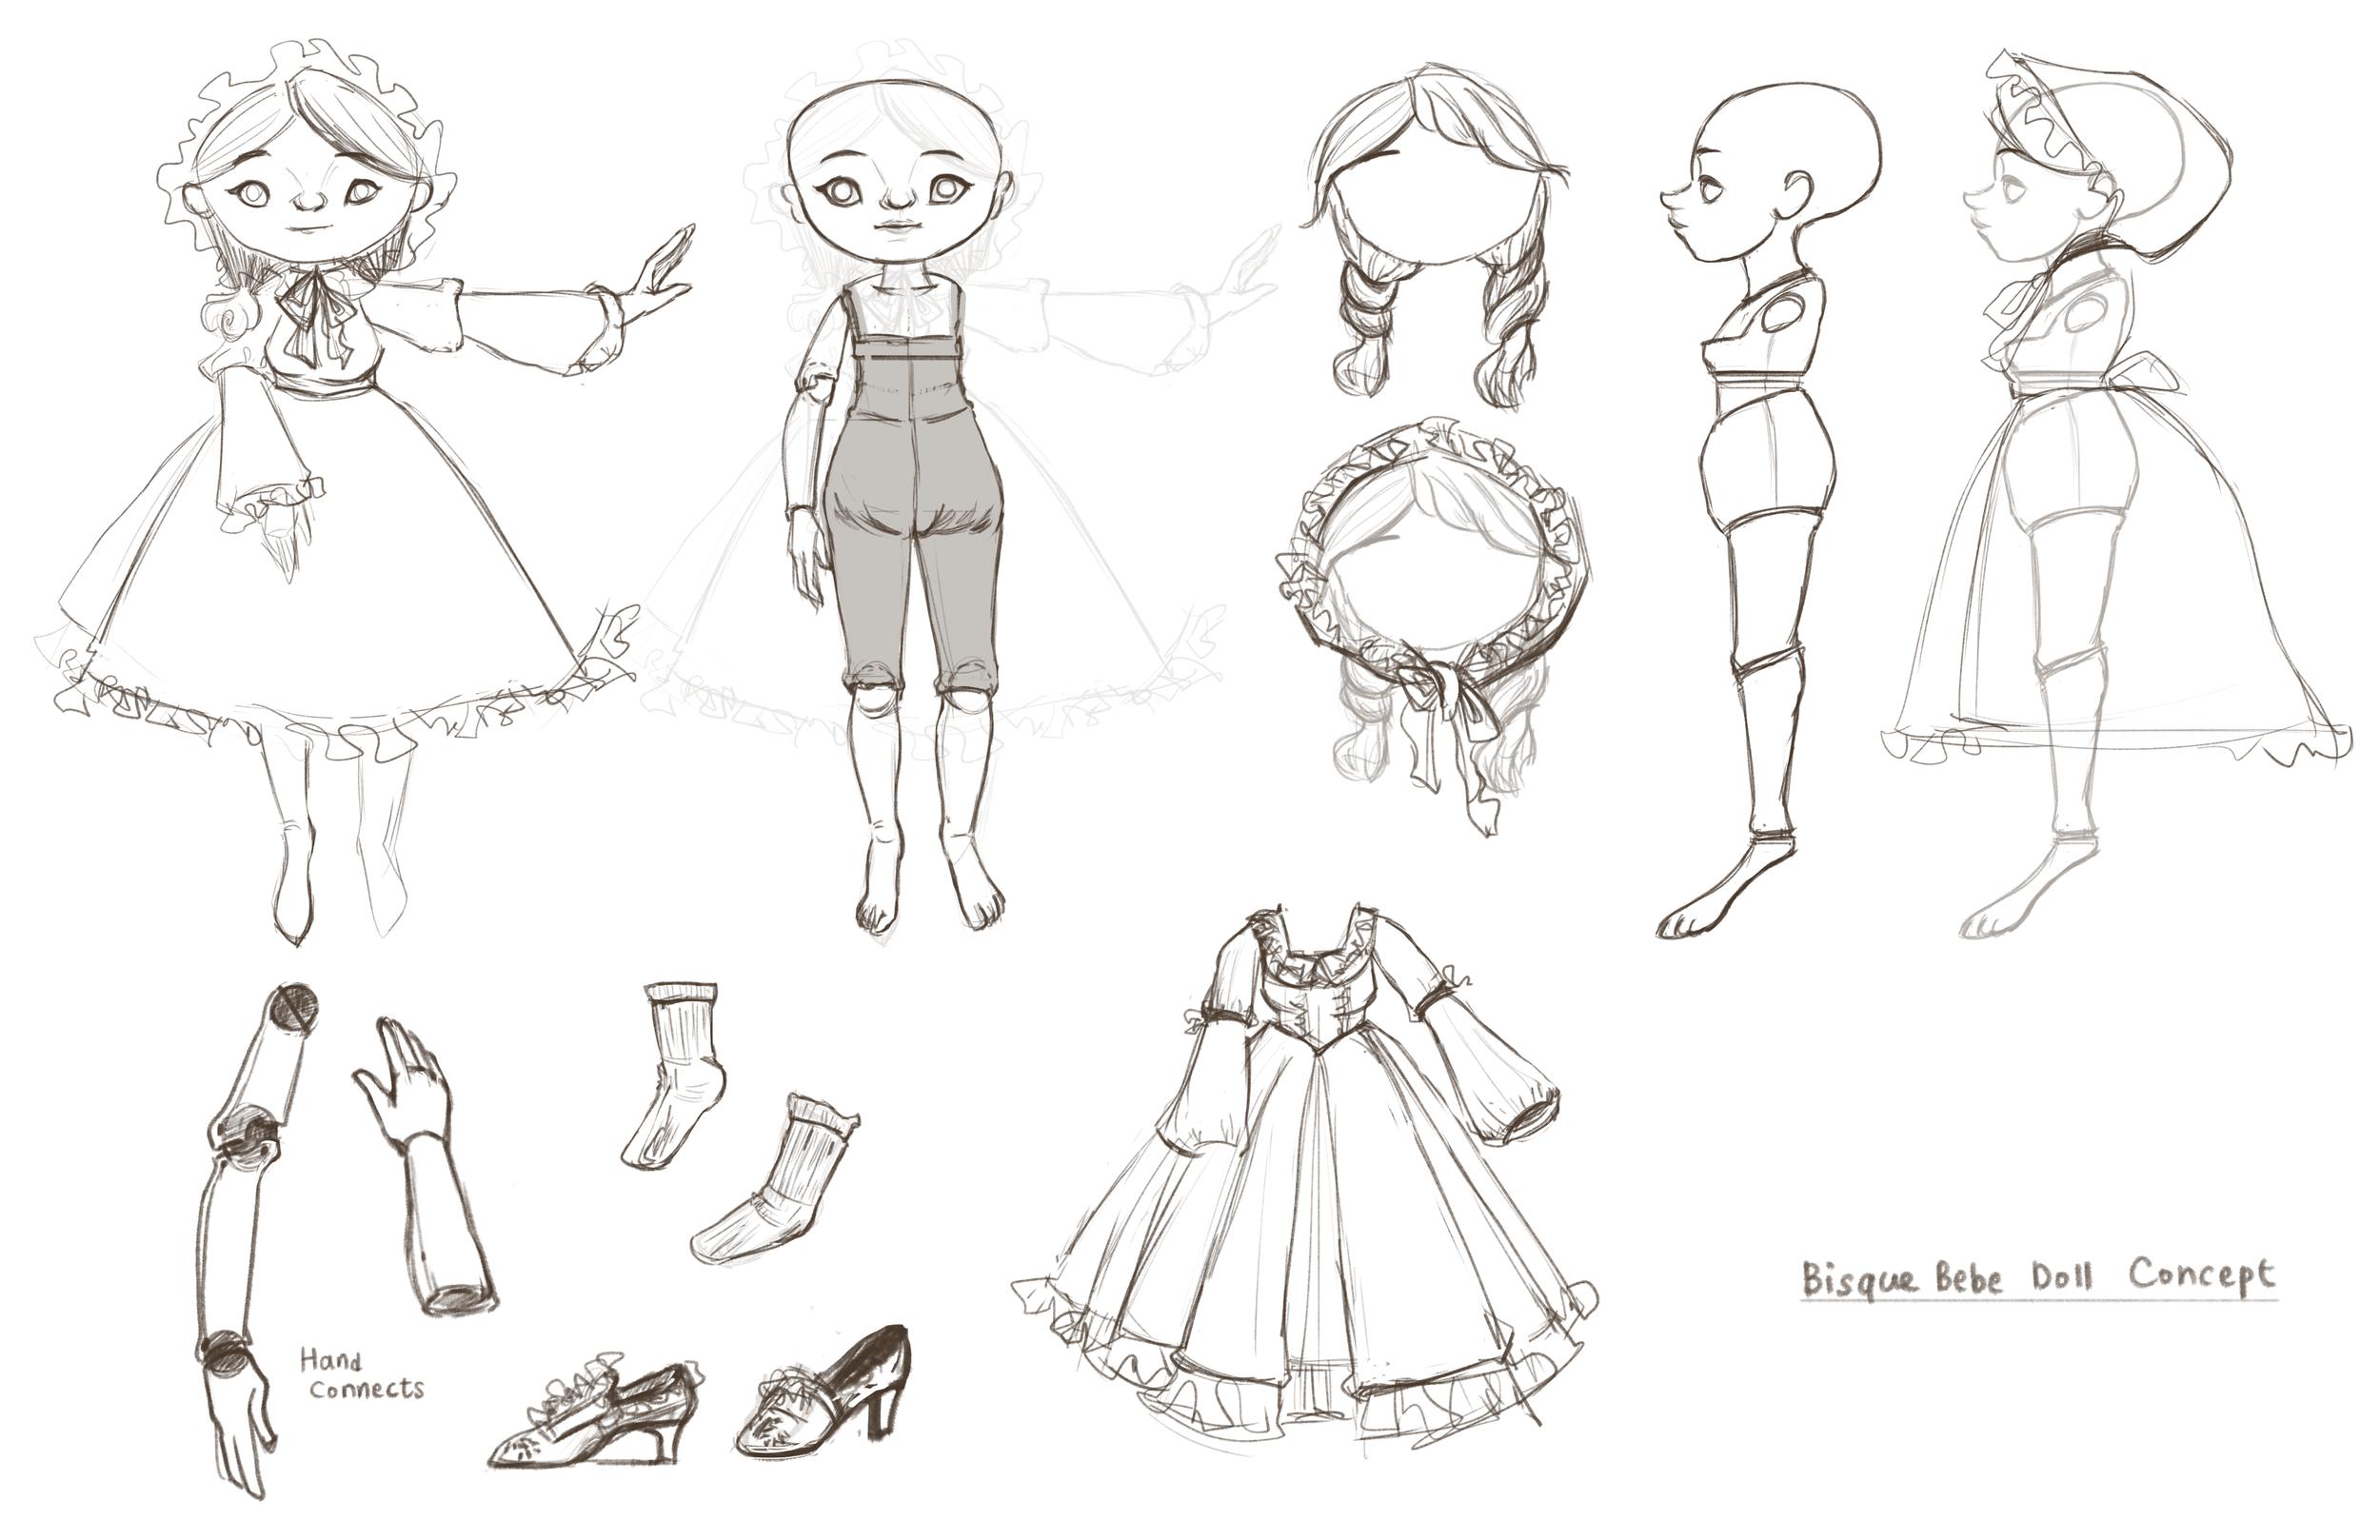 Babe Doll Rough Concept